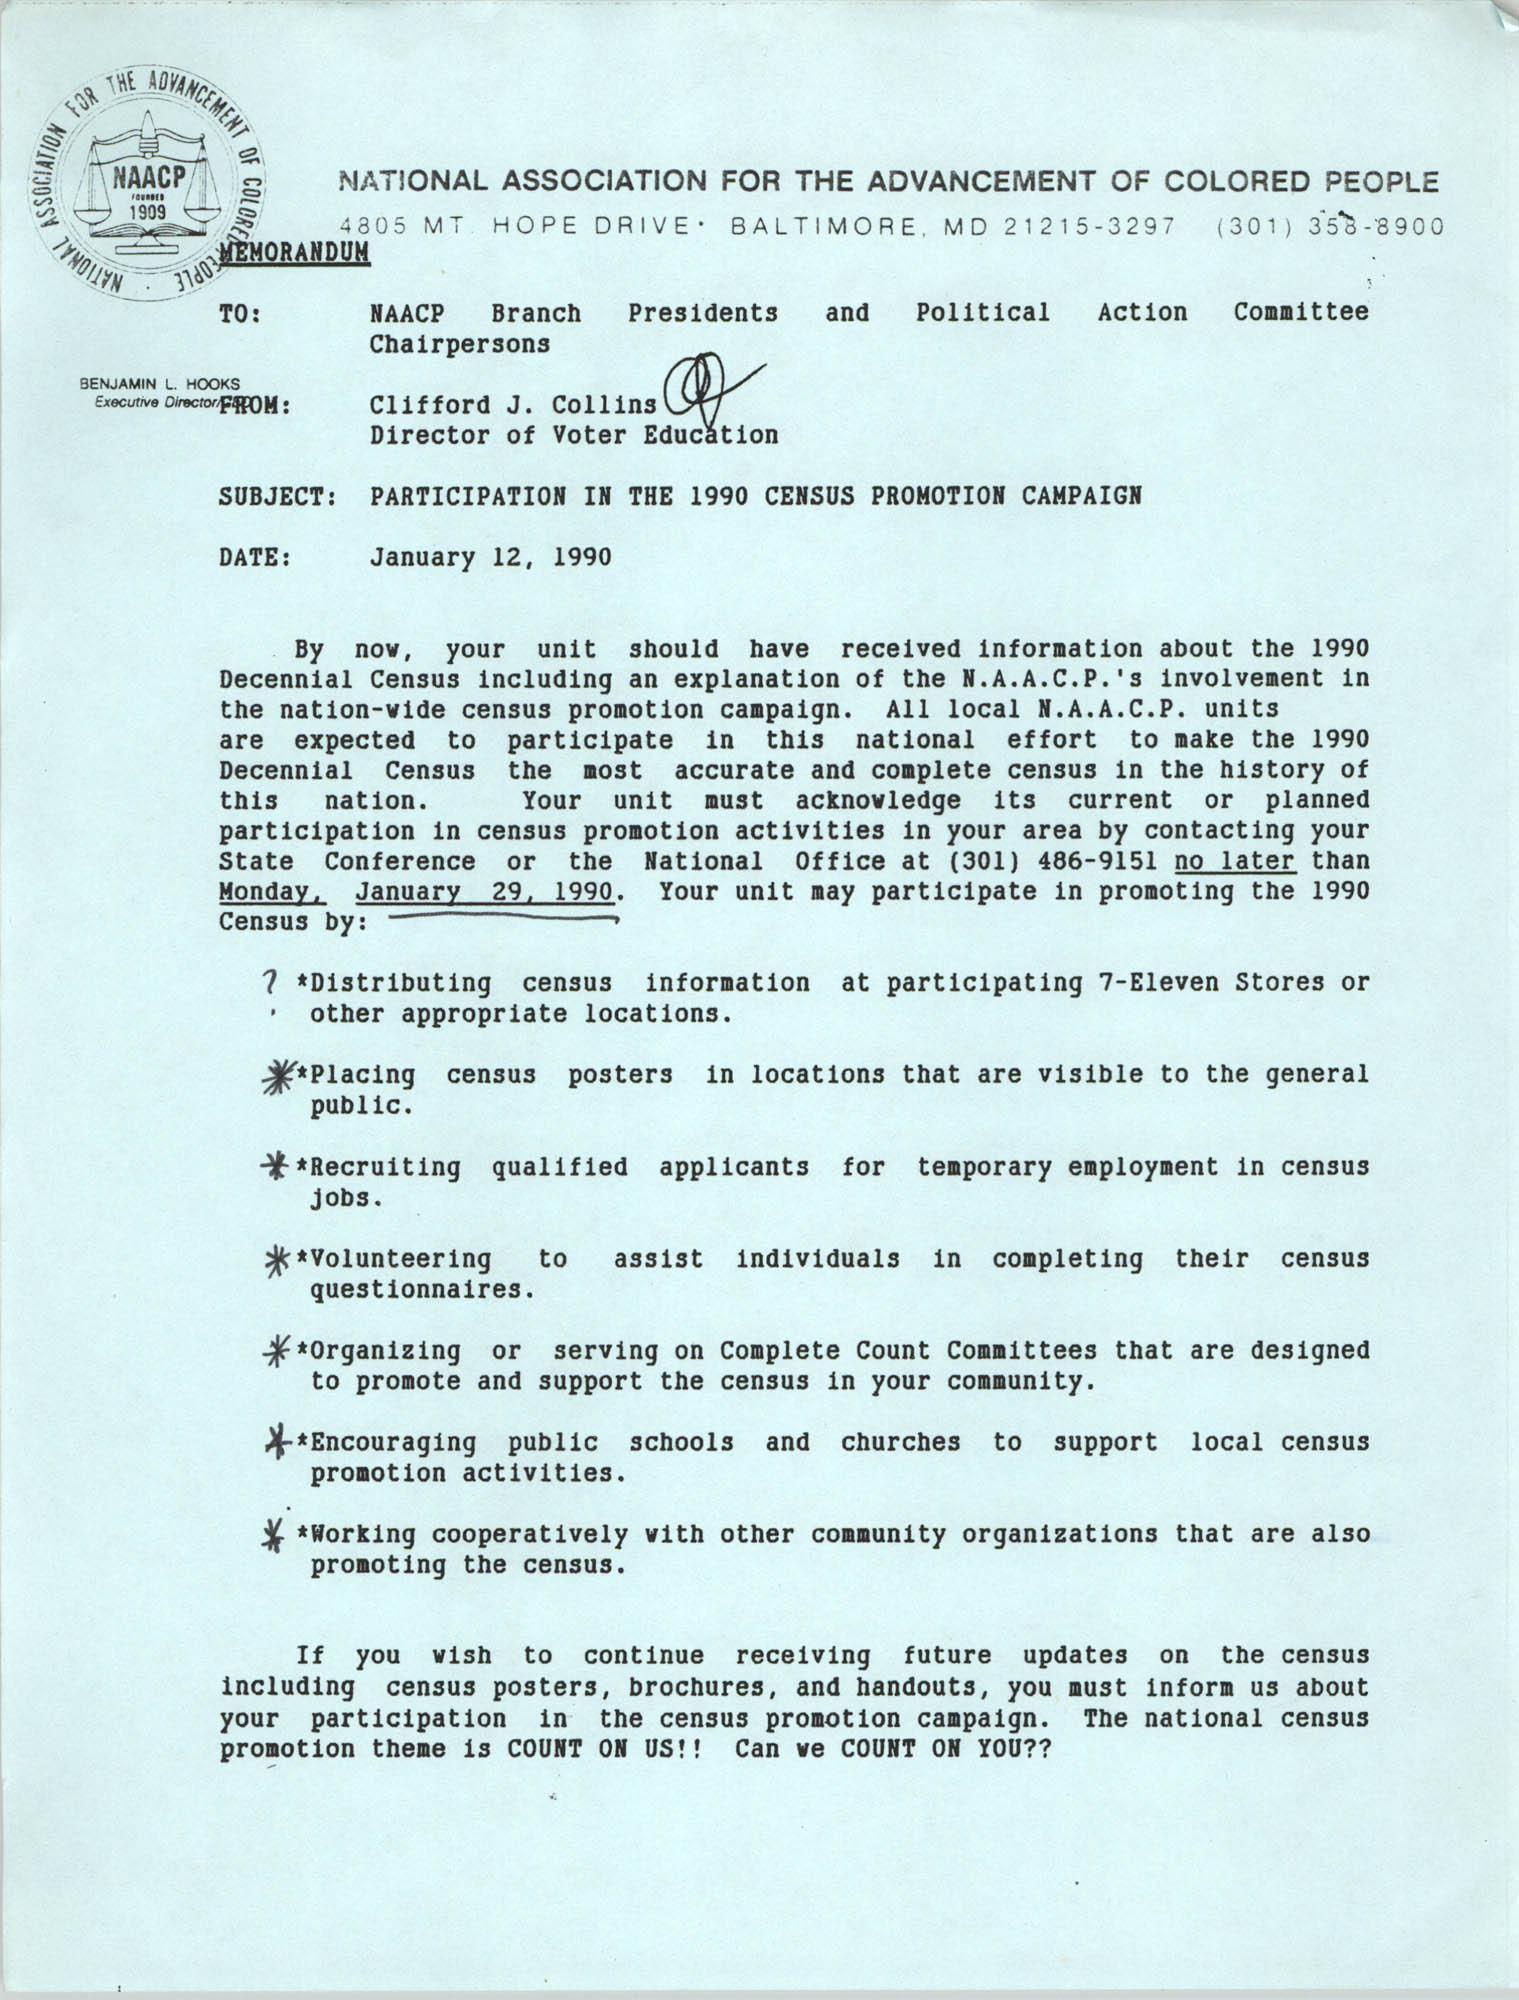 NAACP Memorandum, January 12, 1990